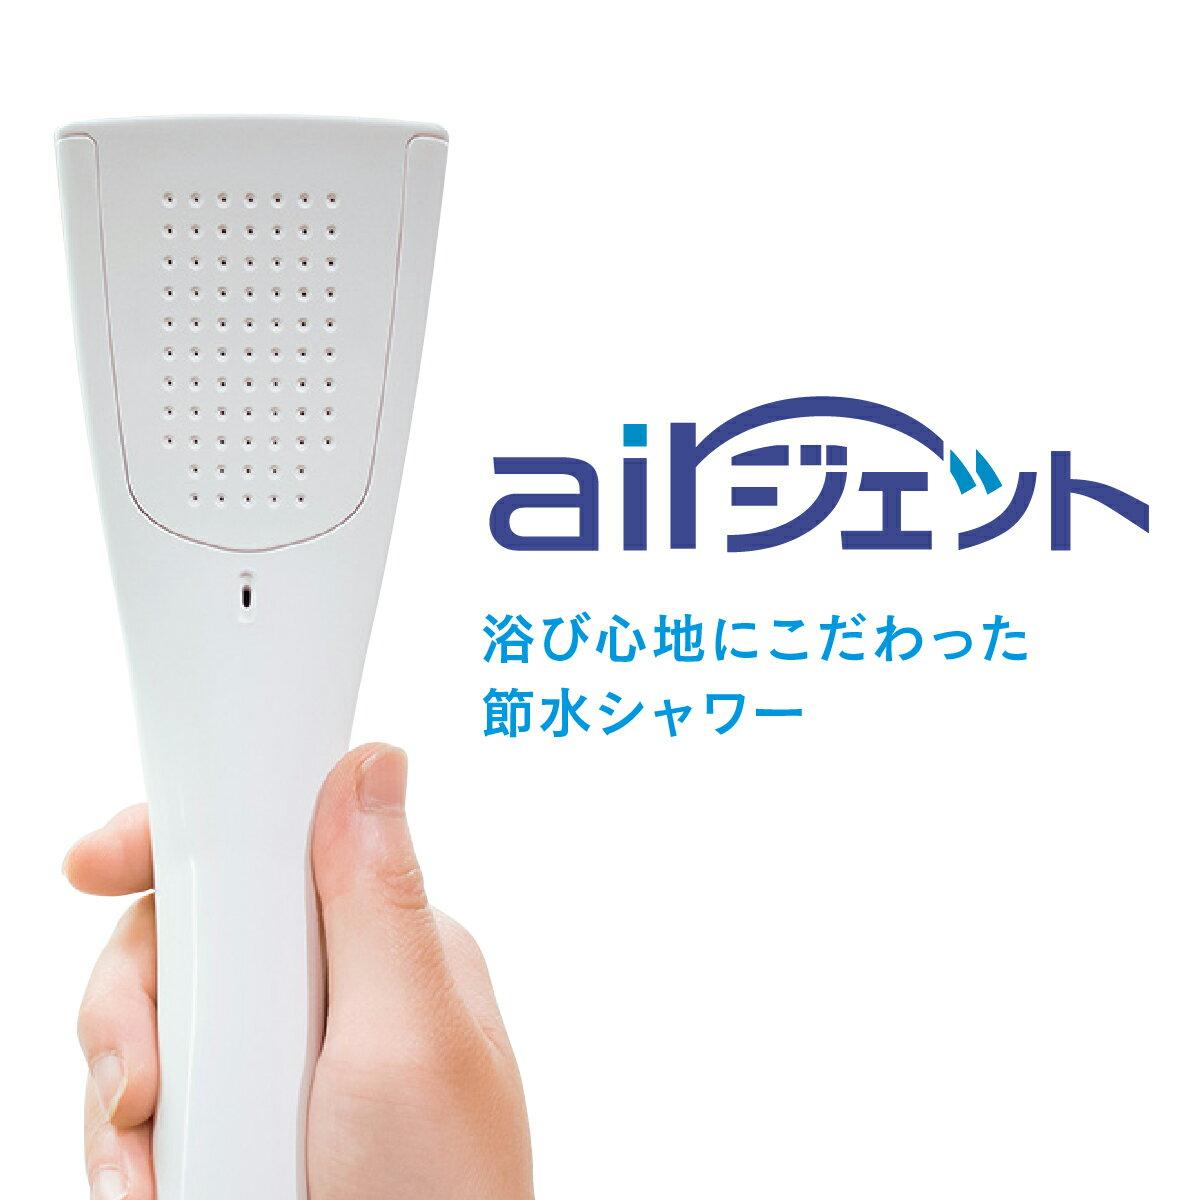 節水シャワーヘッド 【 エアジェット 】 白 ホワイト 空気混合方式 空気 を含ませ 浴び心地 にこだわった 節水 シャワーヘッド PTT-002-W 水圧アップ